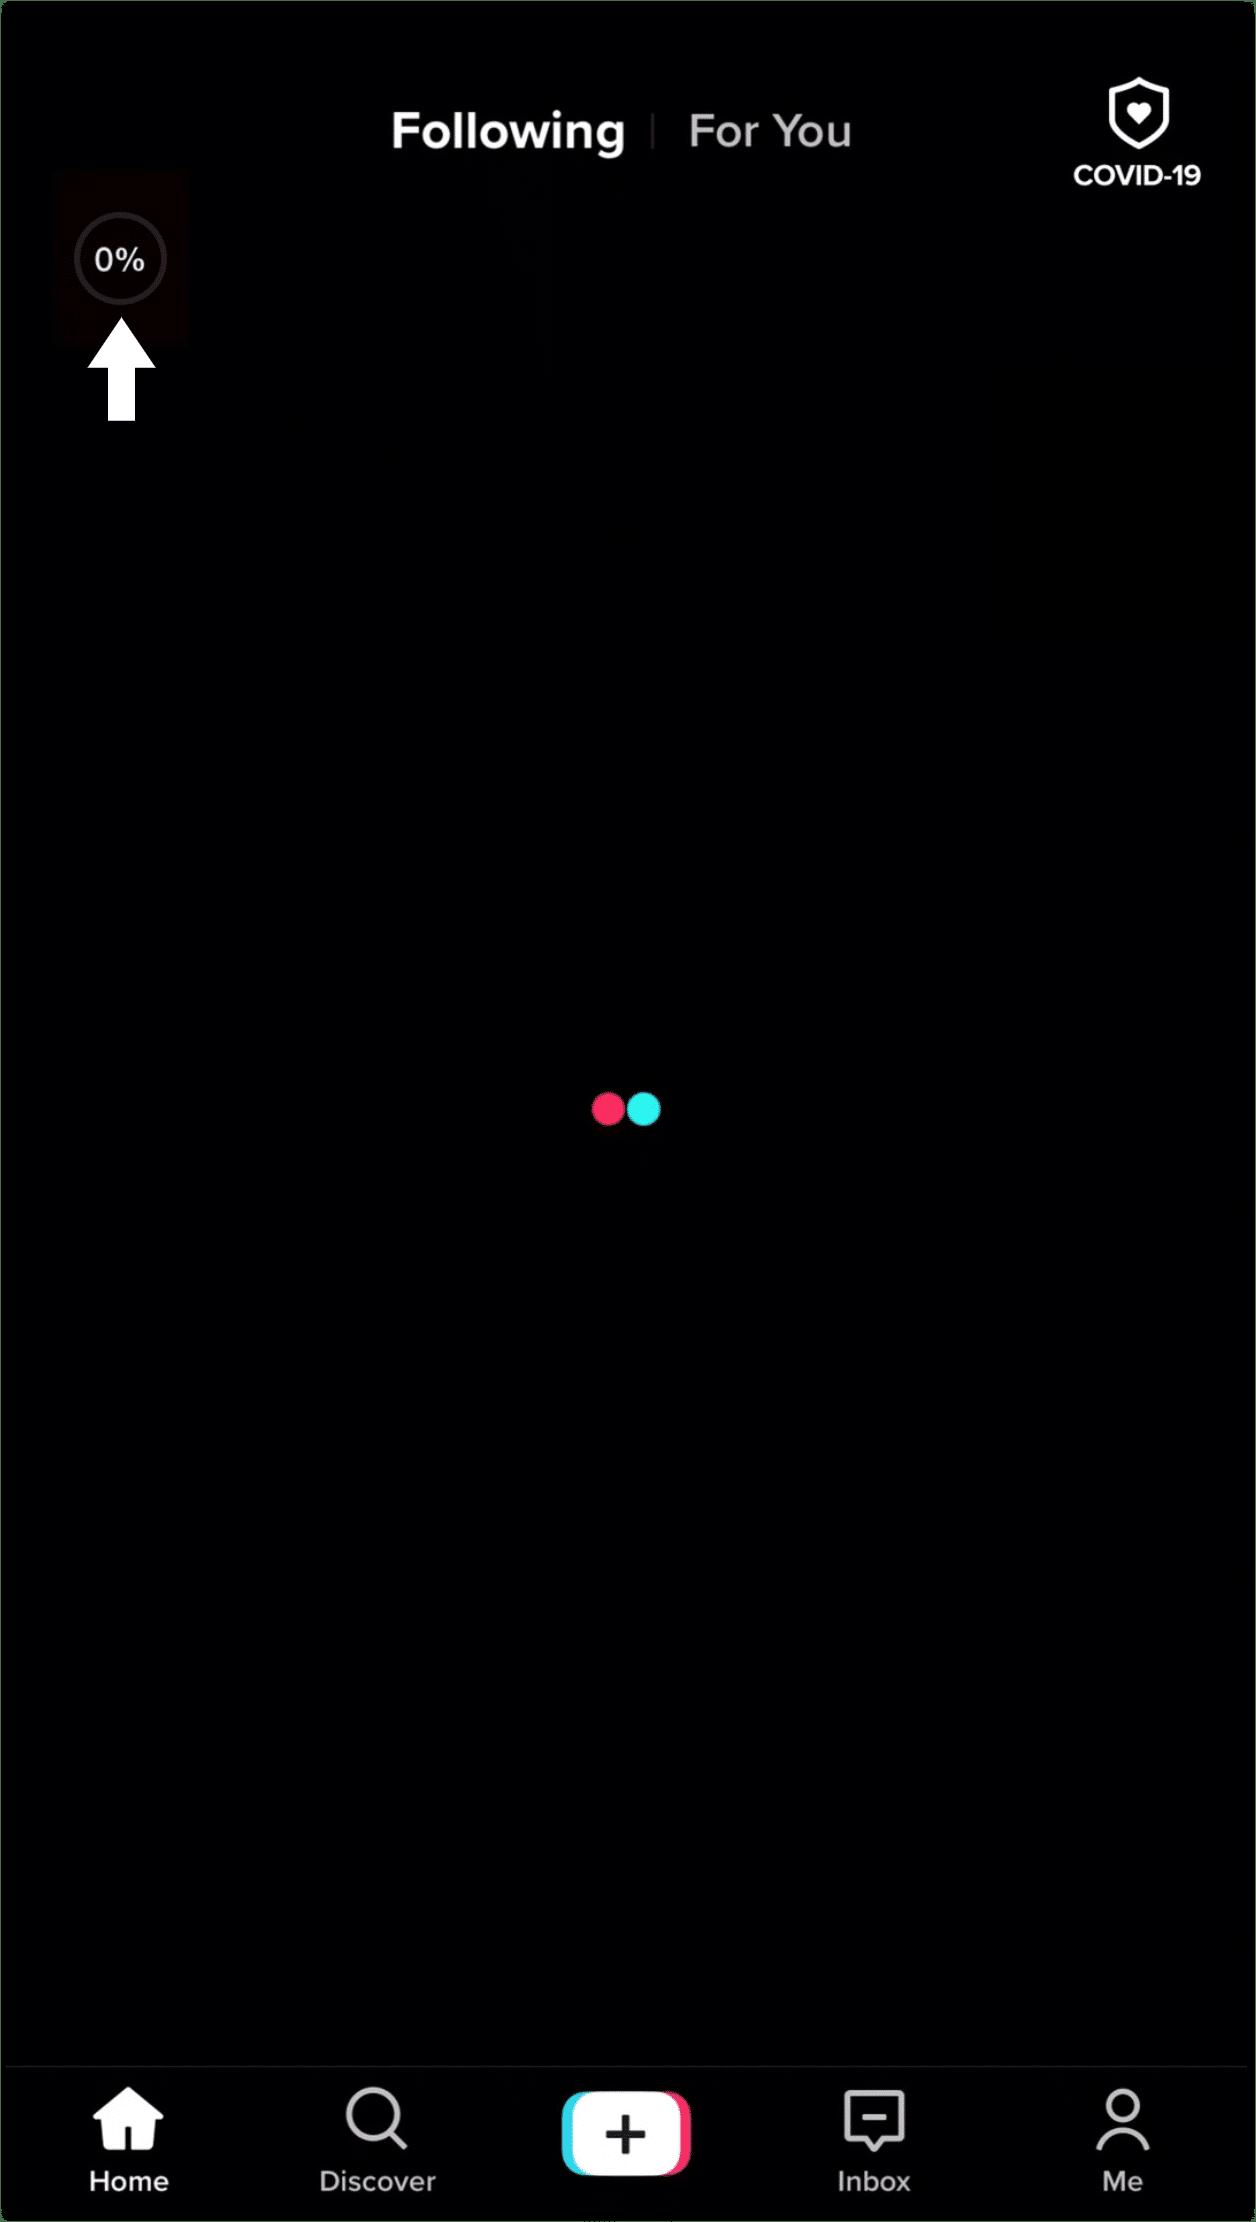 TikTok video not posting or uploading